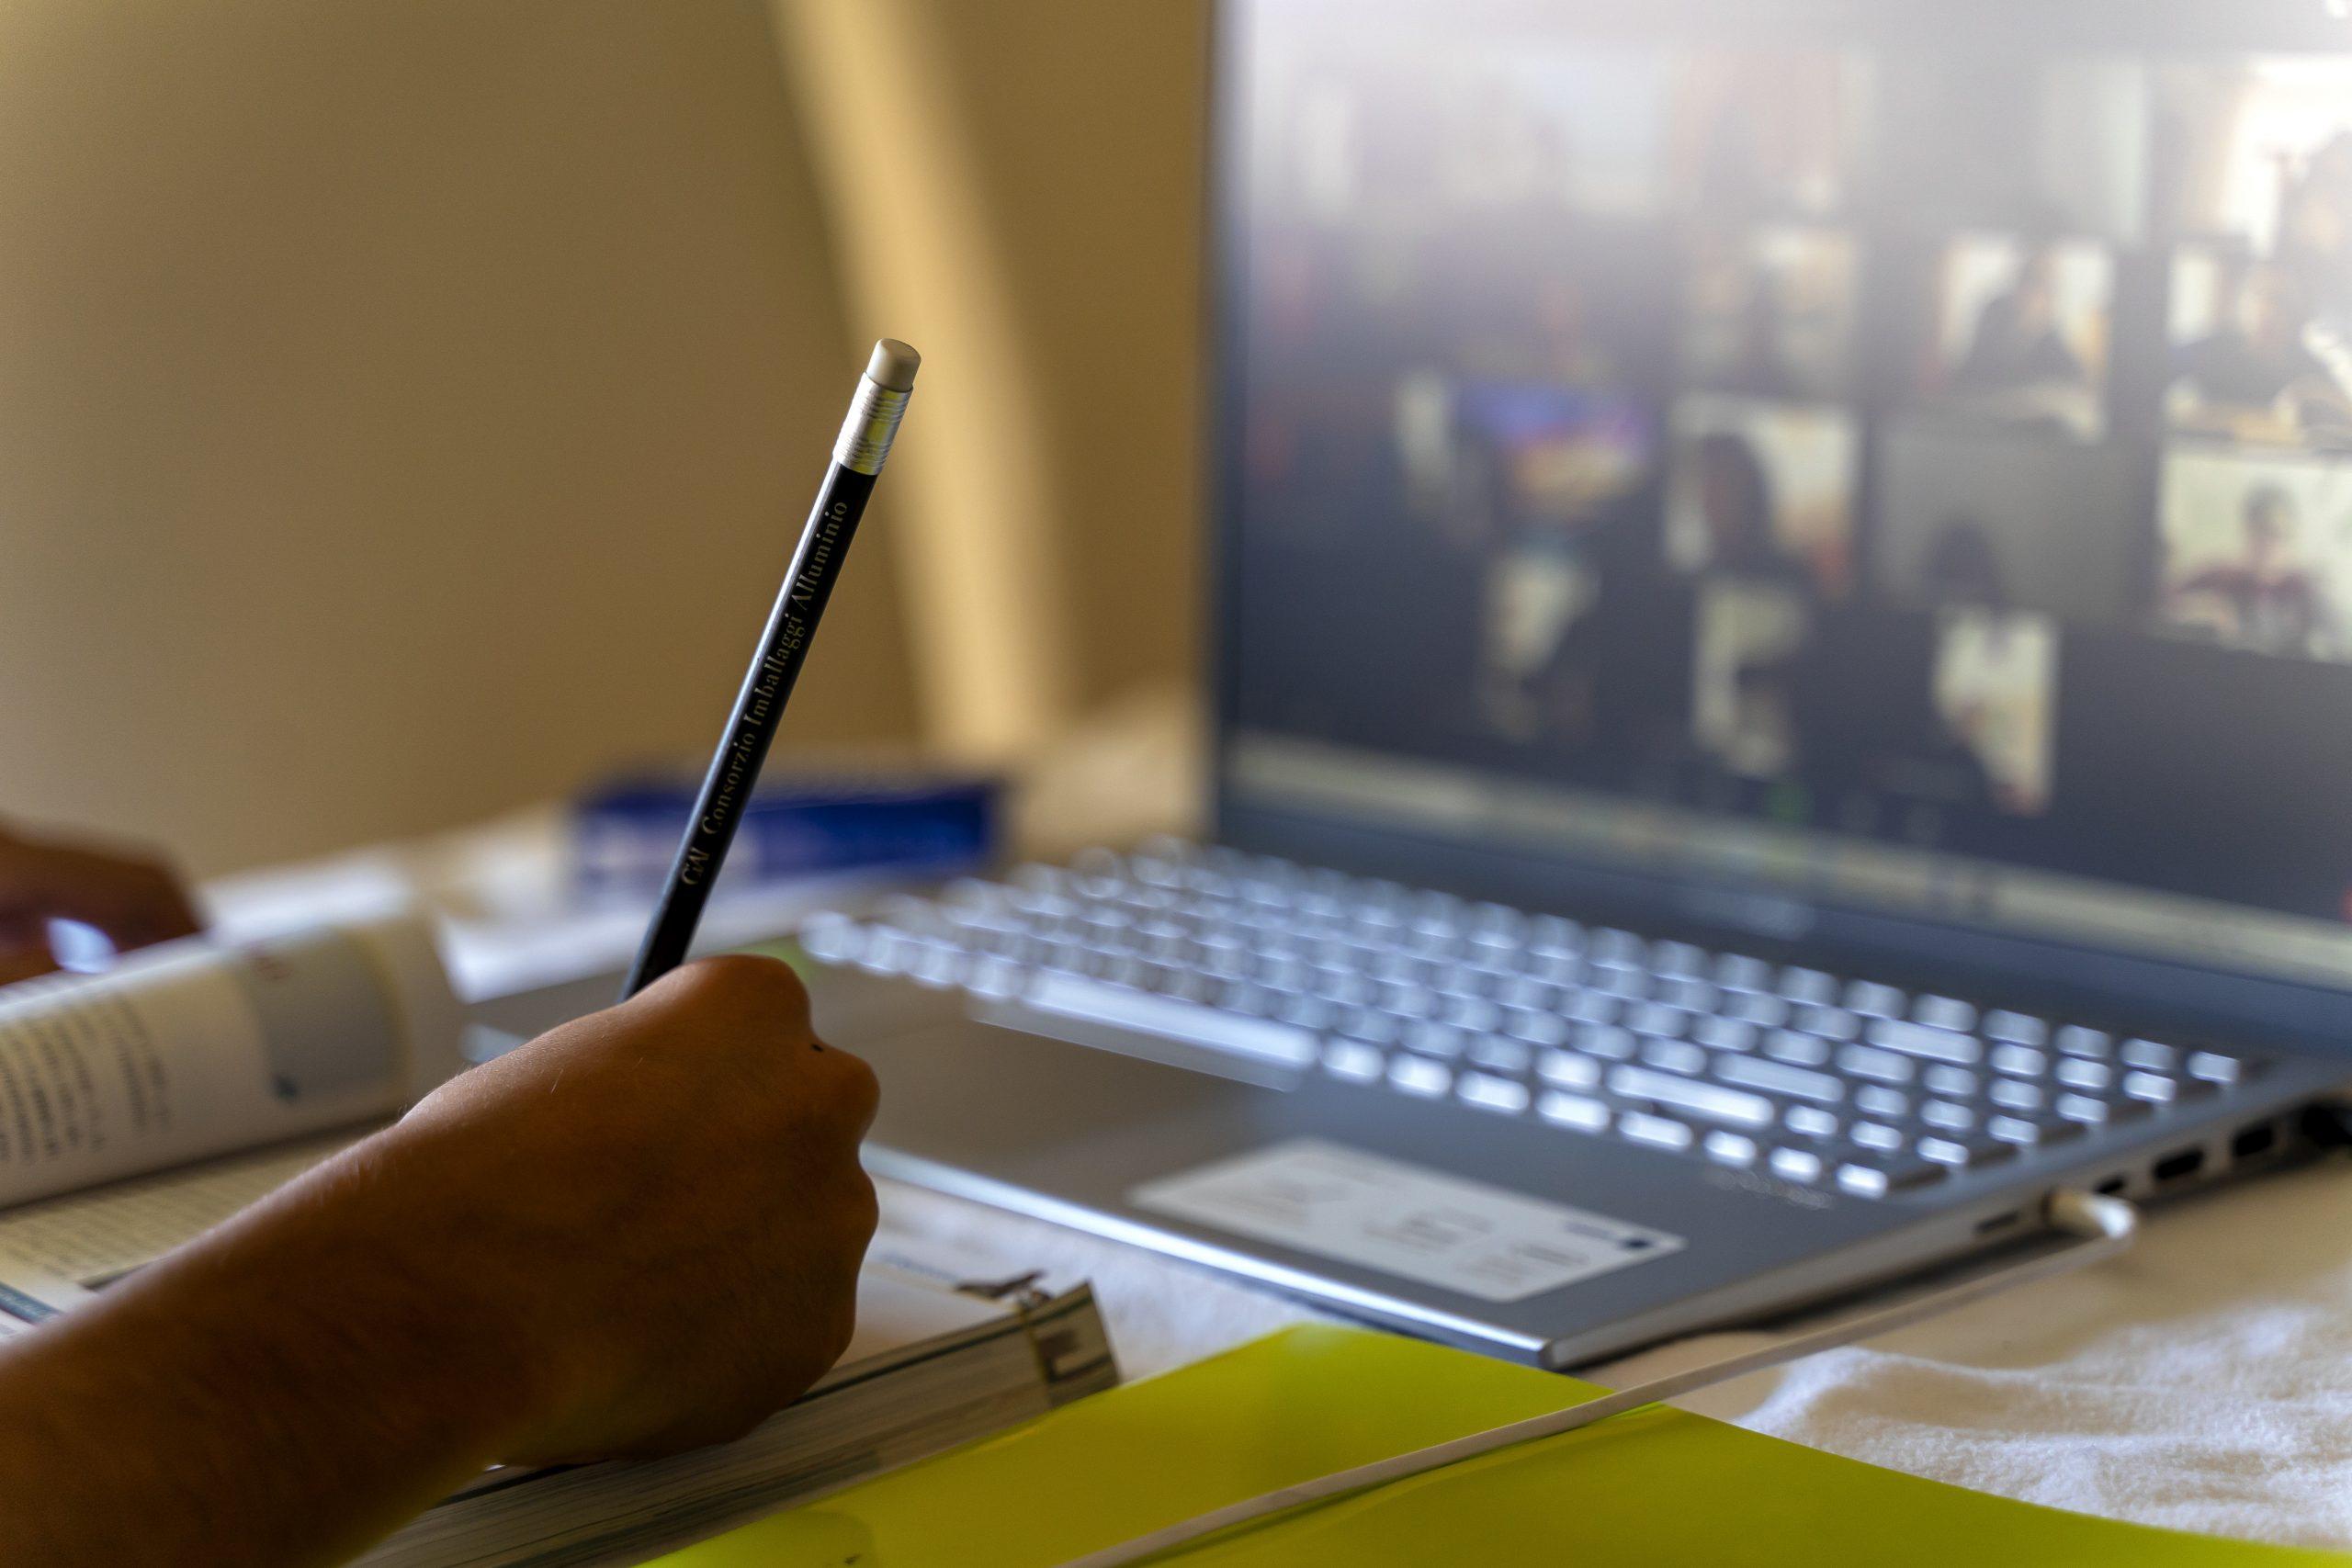 Un profesor din București a apărut în lenjerie intimă în fața elevilor, la un curs online. Reacția ministrului Educației. VIDEO